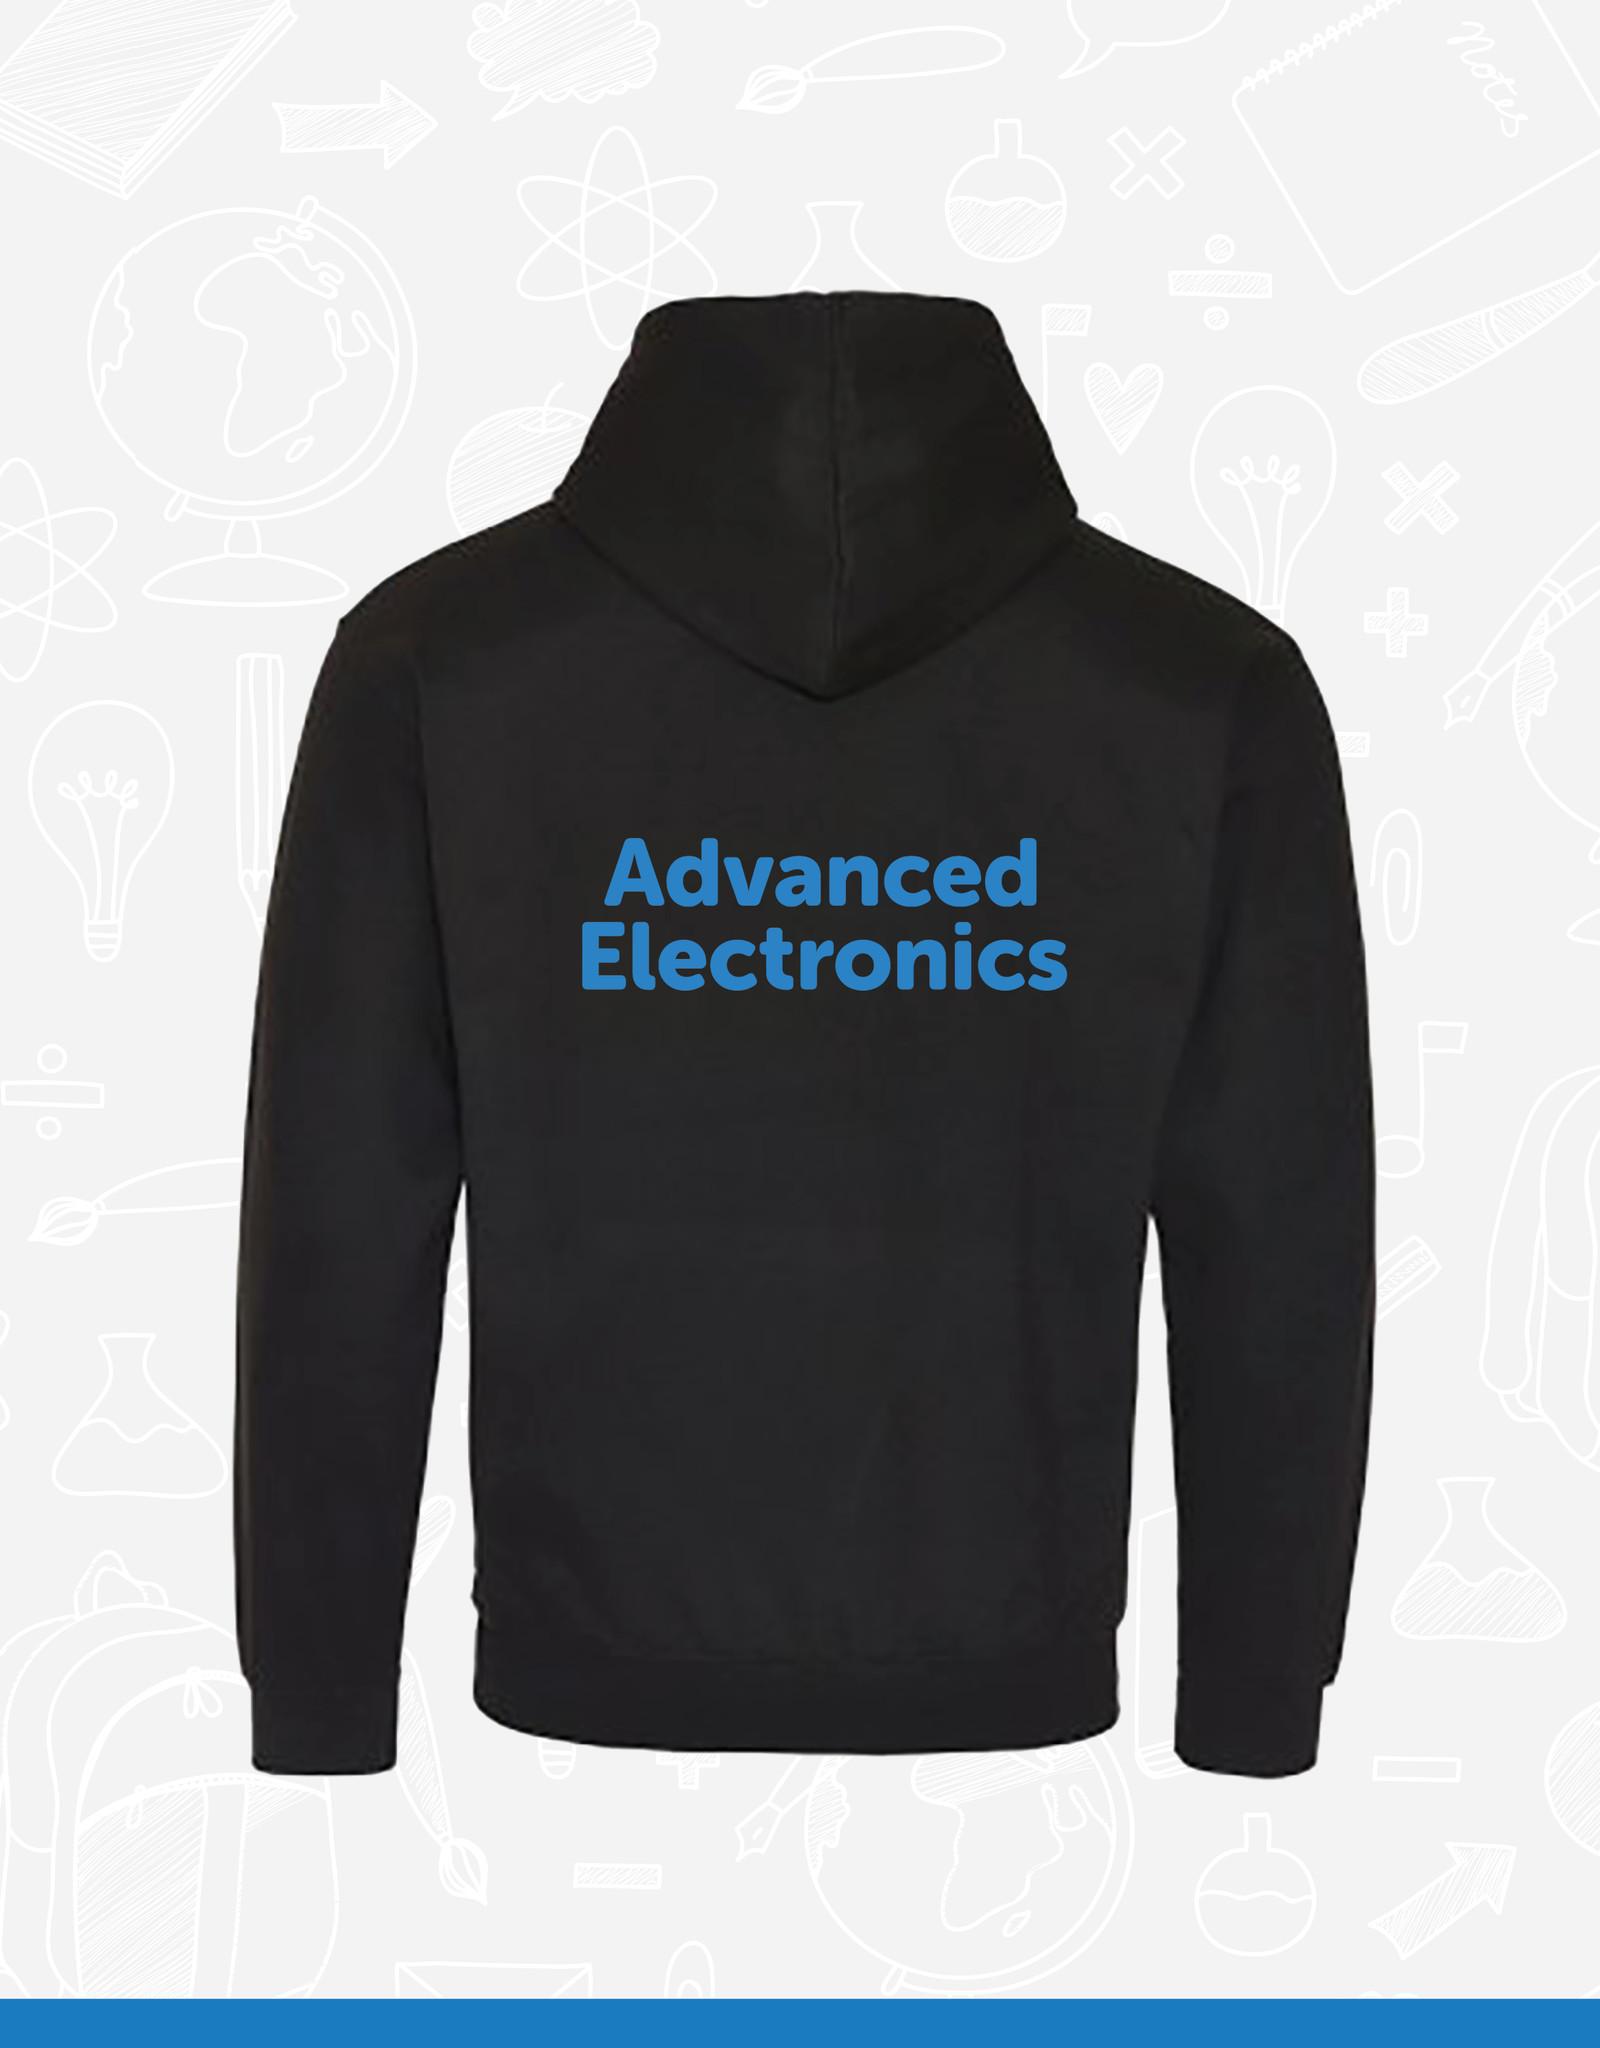 AWDis SERC Advanced Electronics (JH003)